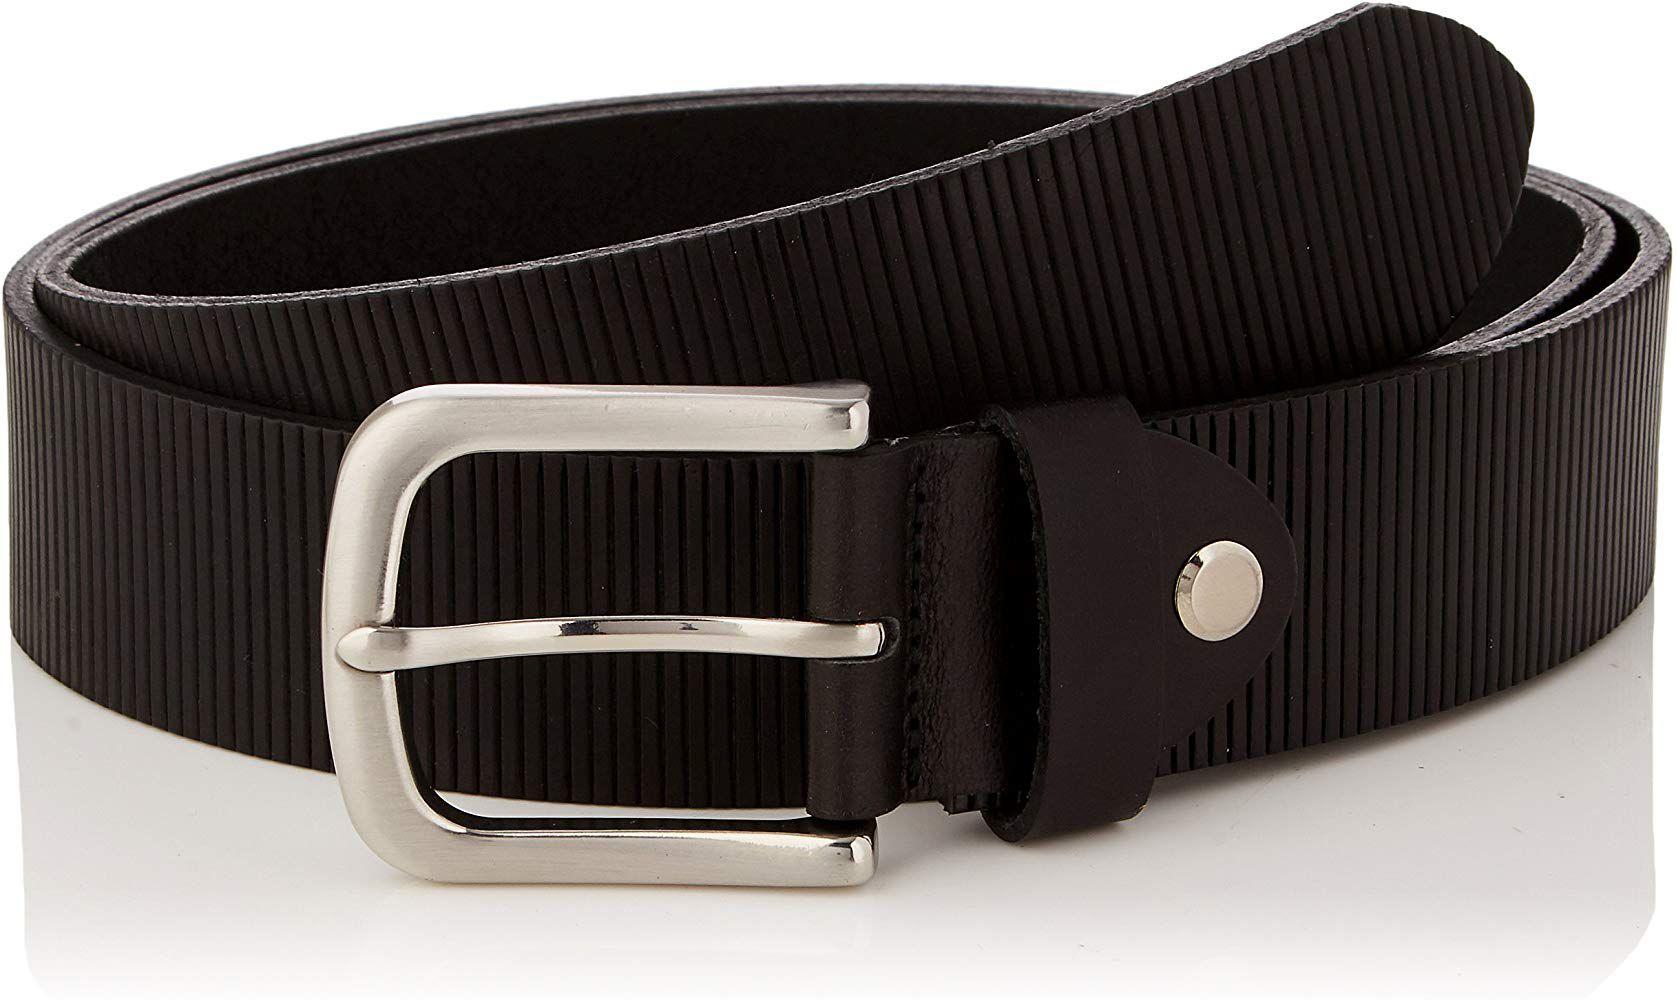 Ceinture en cuir MLT Belts & Accessoires Phoenix - Tailles et couleurs au choix